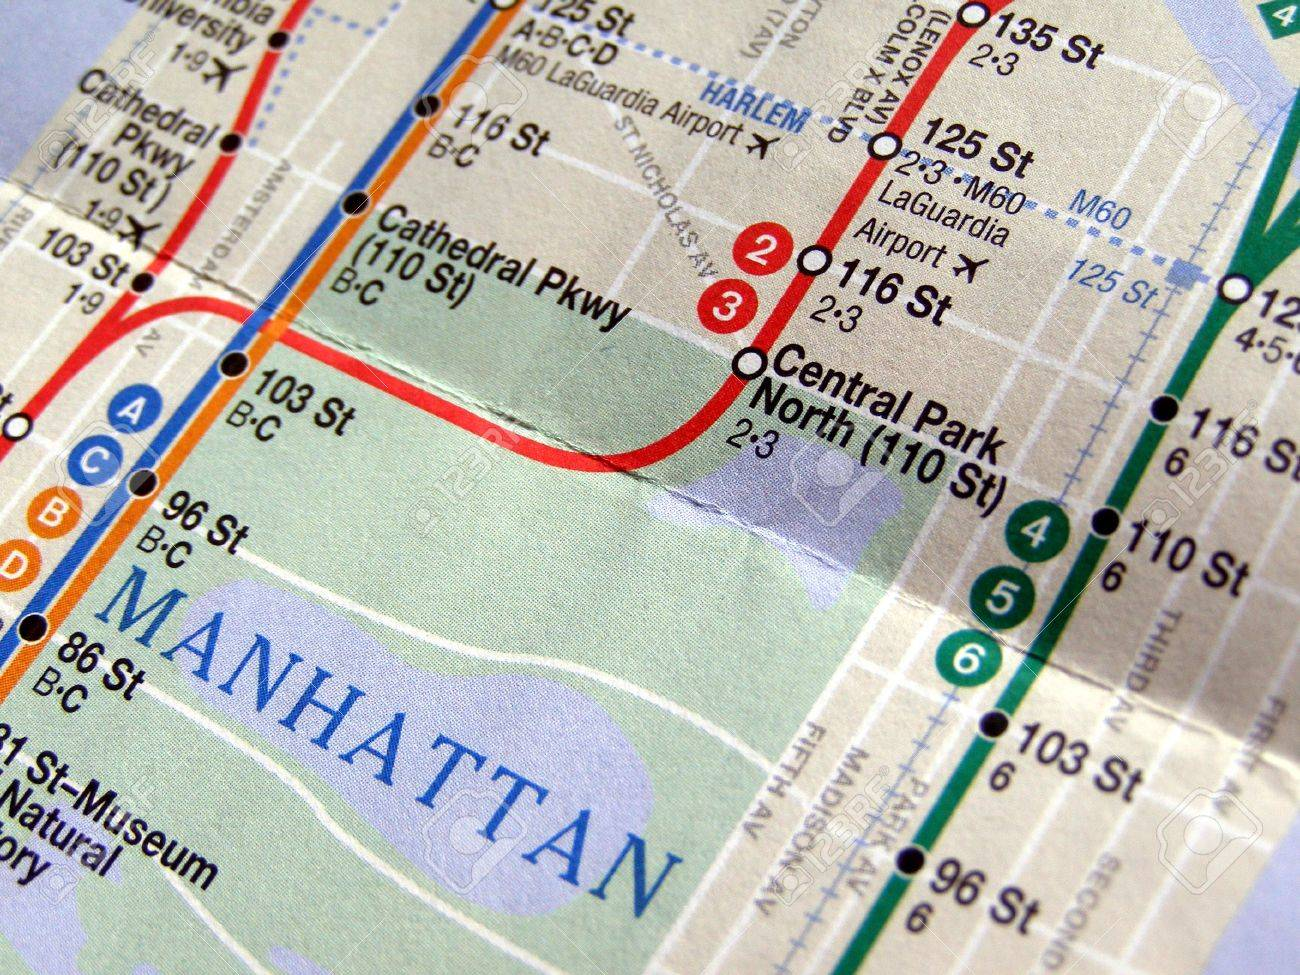 Subway Map Of The New York Underground Metro Tube Network Stock ...